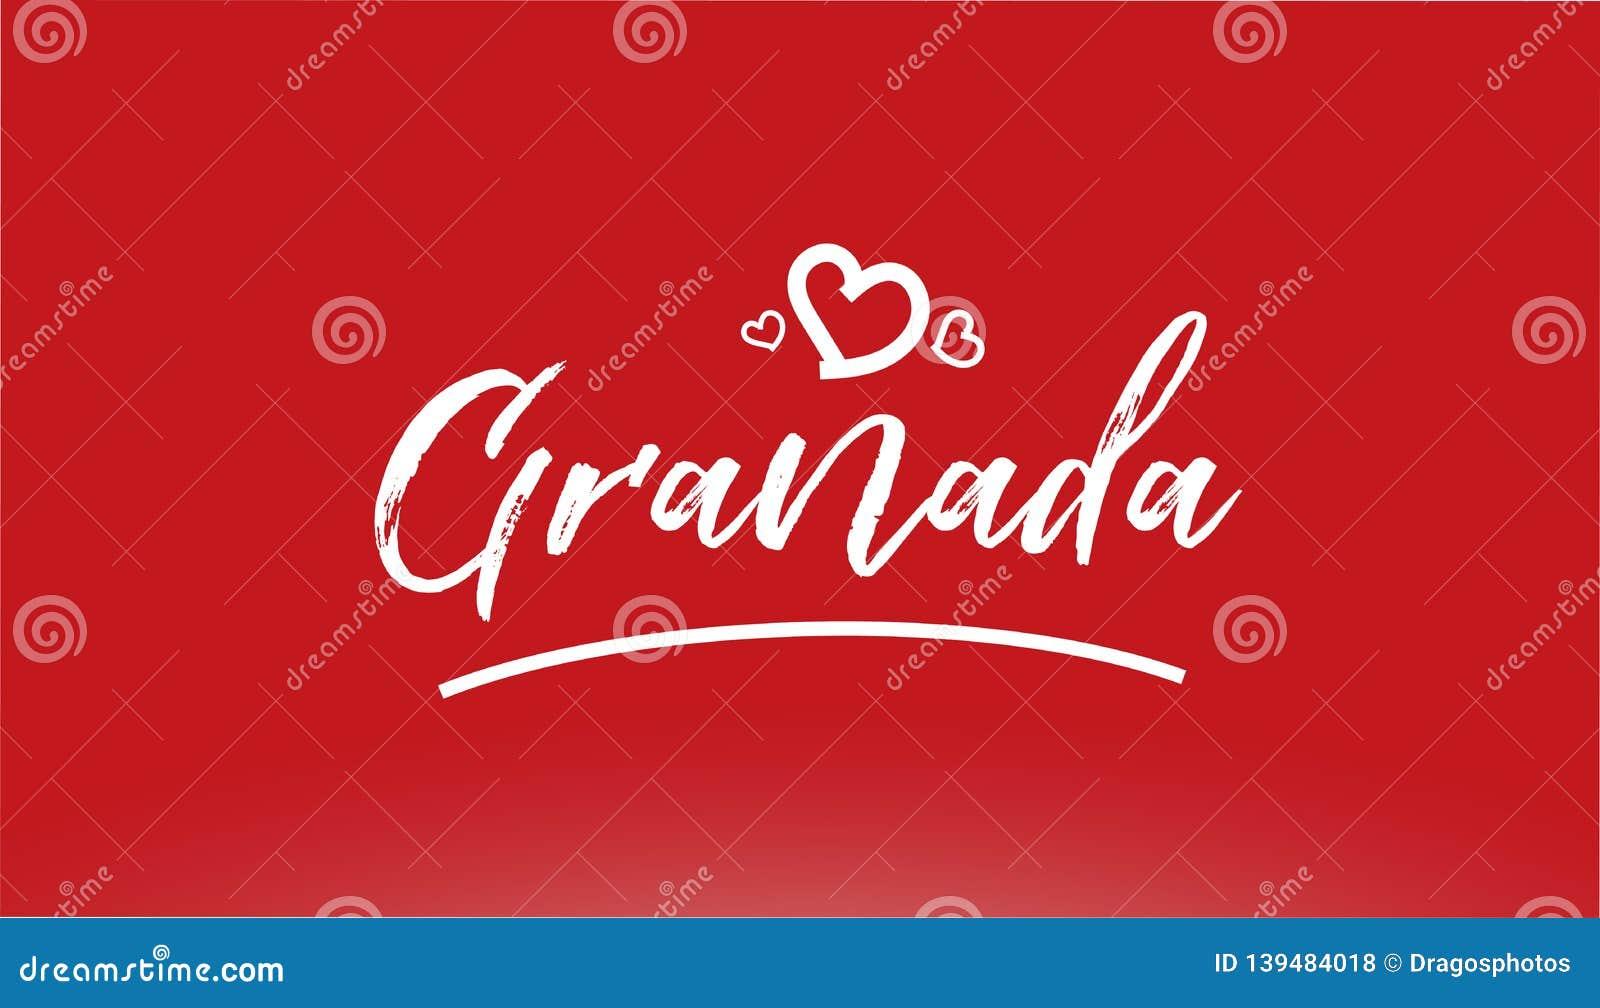 Weiße Stadthandschriftlicher Text Granadas mit Herzlogo auf rotem Hintergrund